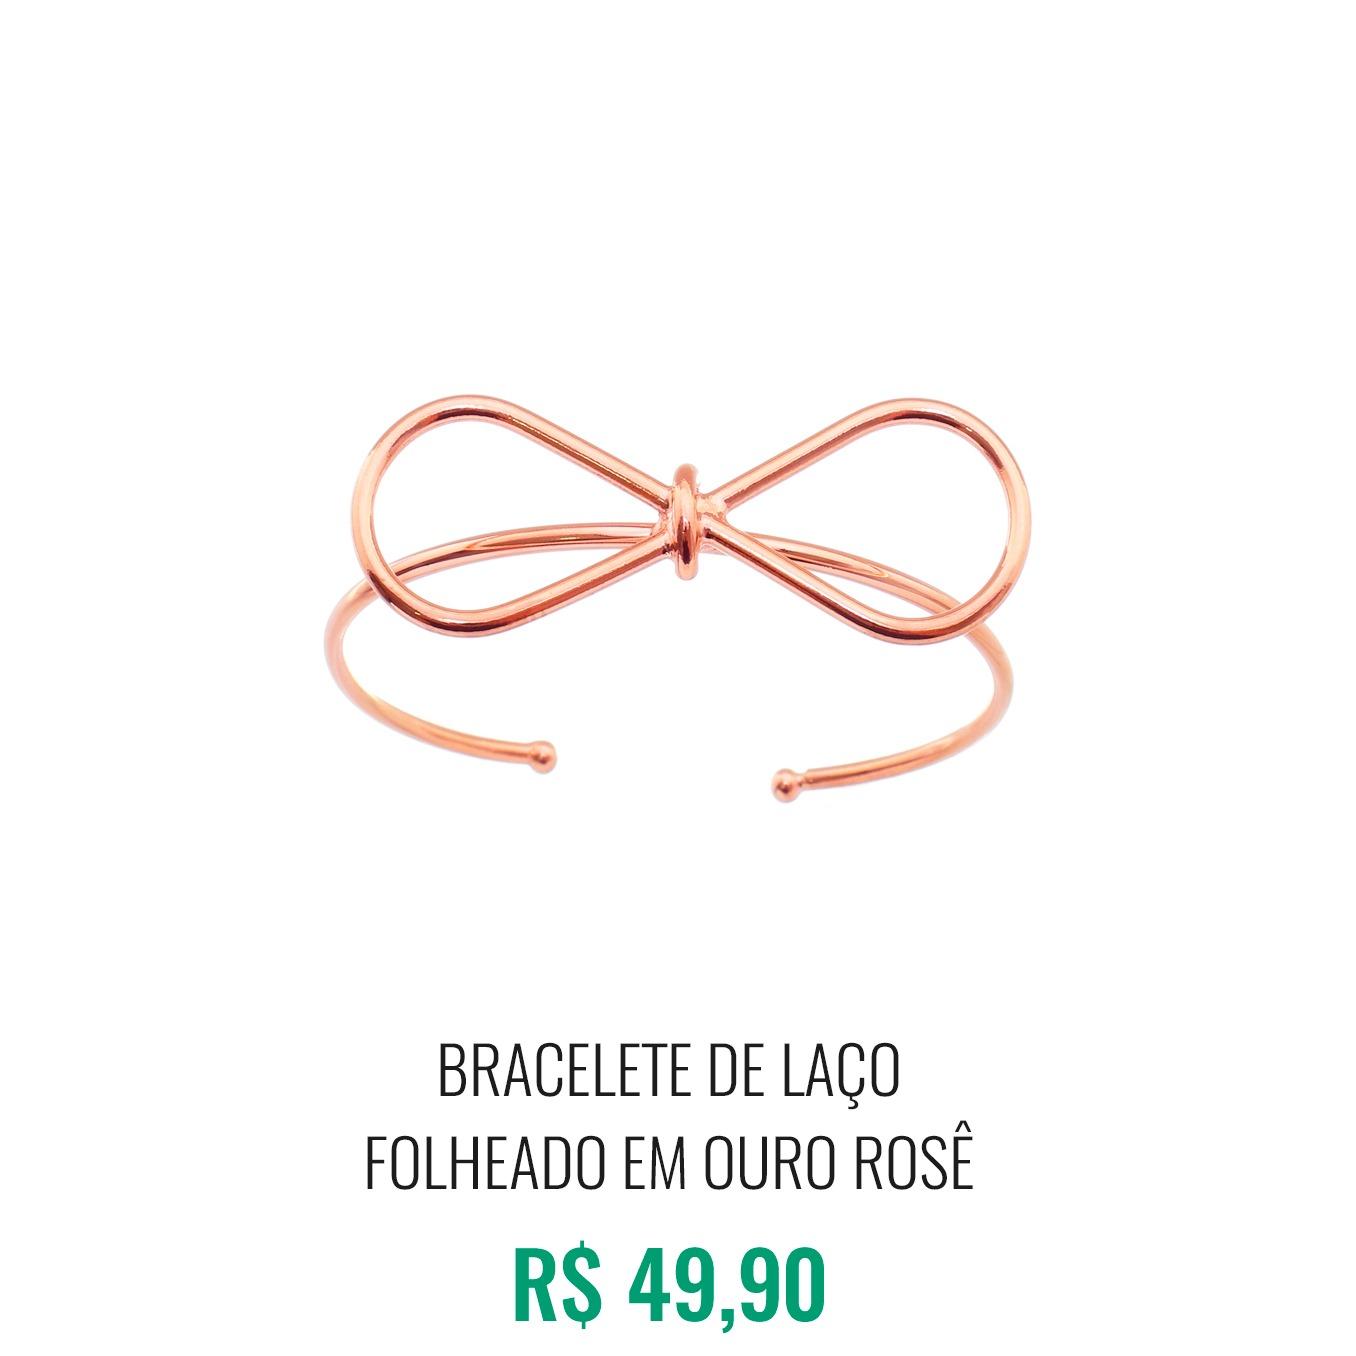 Bracelete Laço folheado em Ouro Rosê